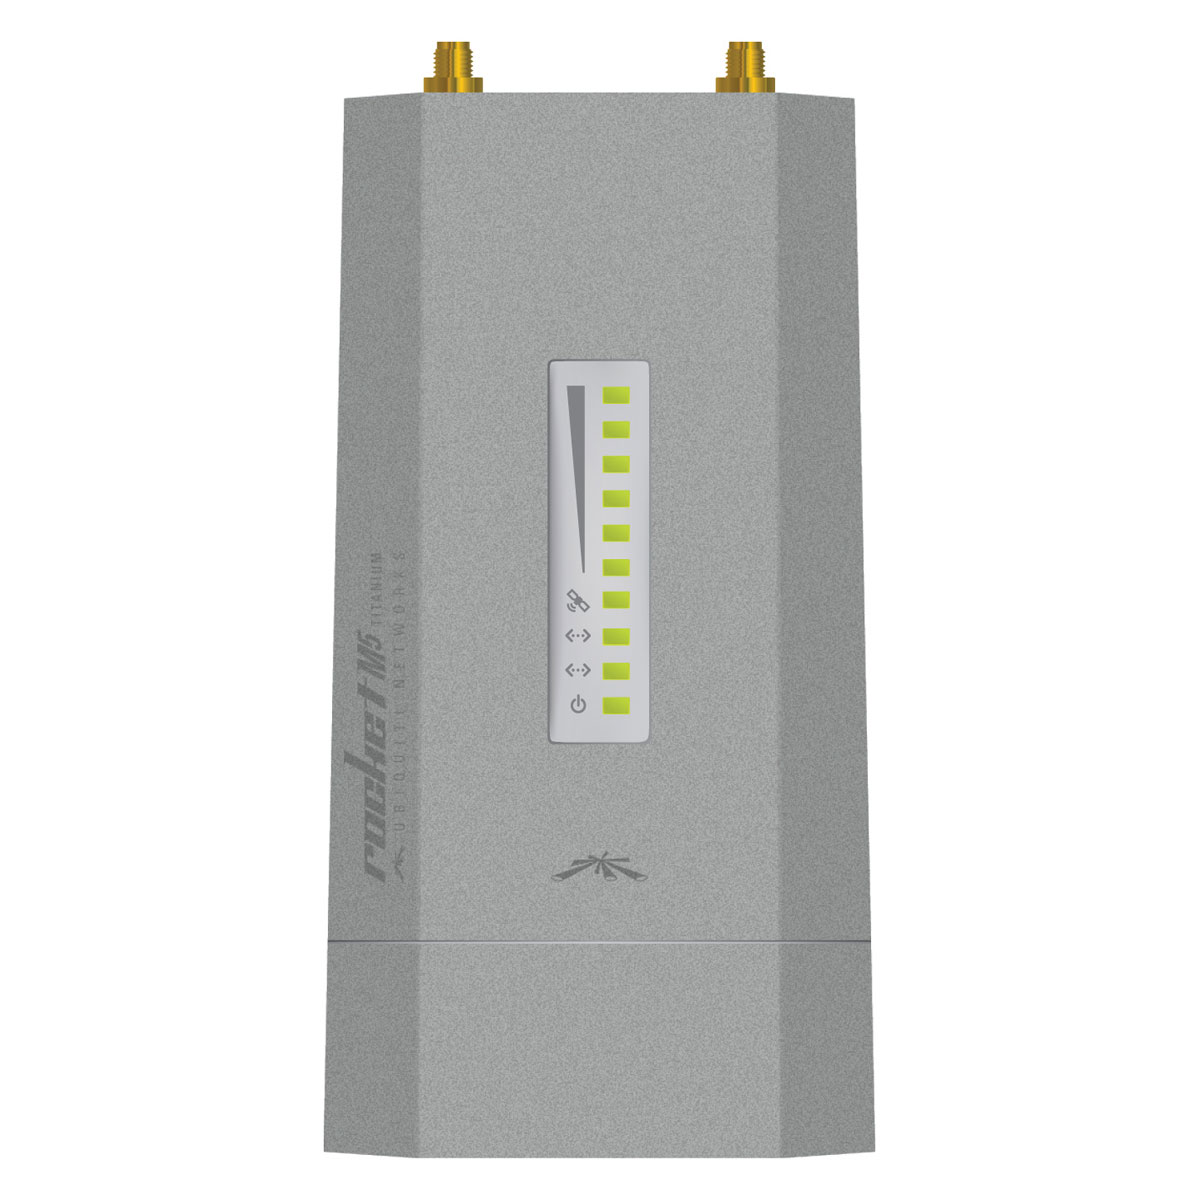 Ubiquiti rocket m5 titanium point d 39 acc s wifi ubiquiti for Point acces wifi exterieur